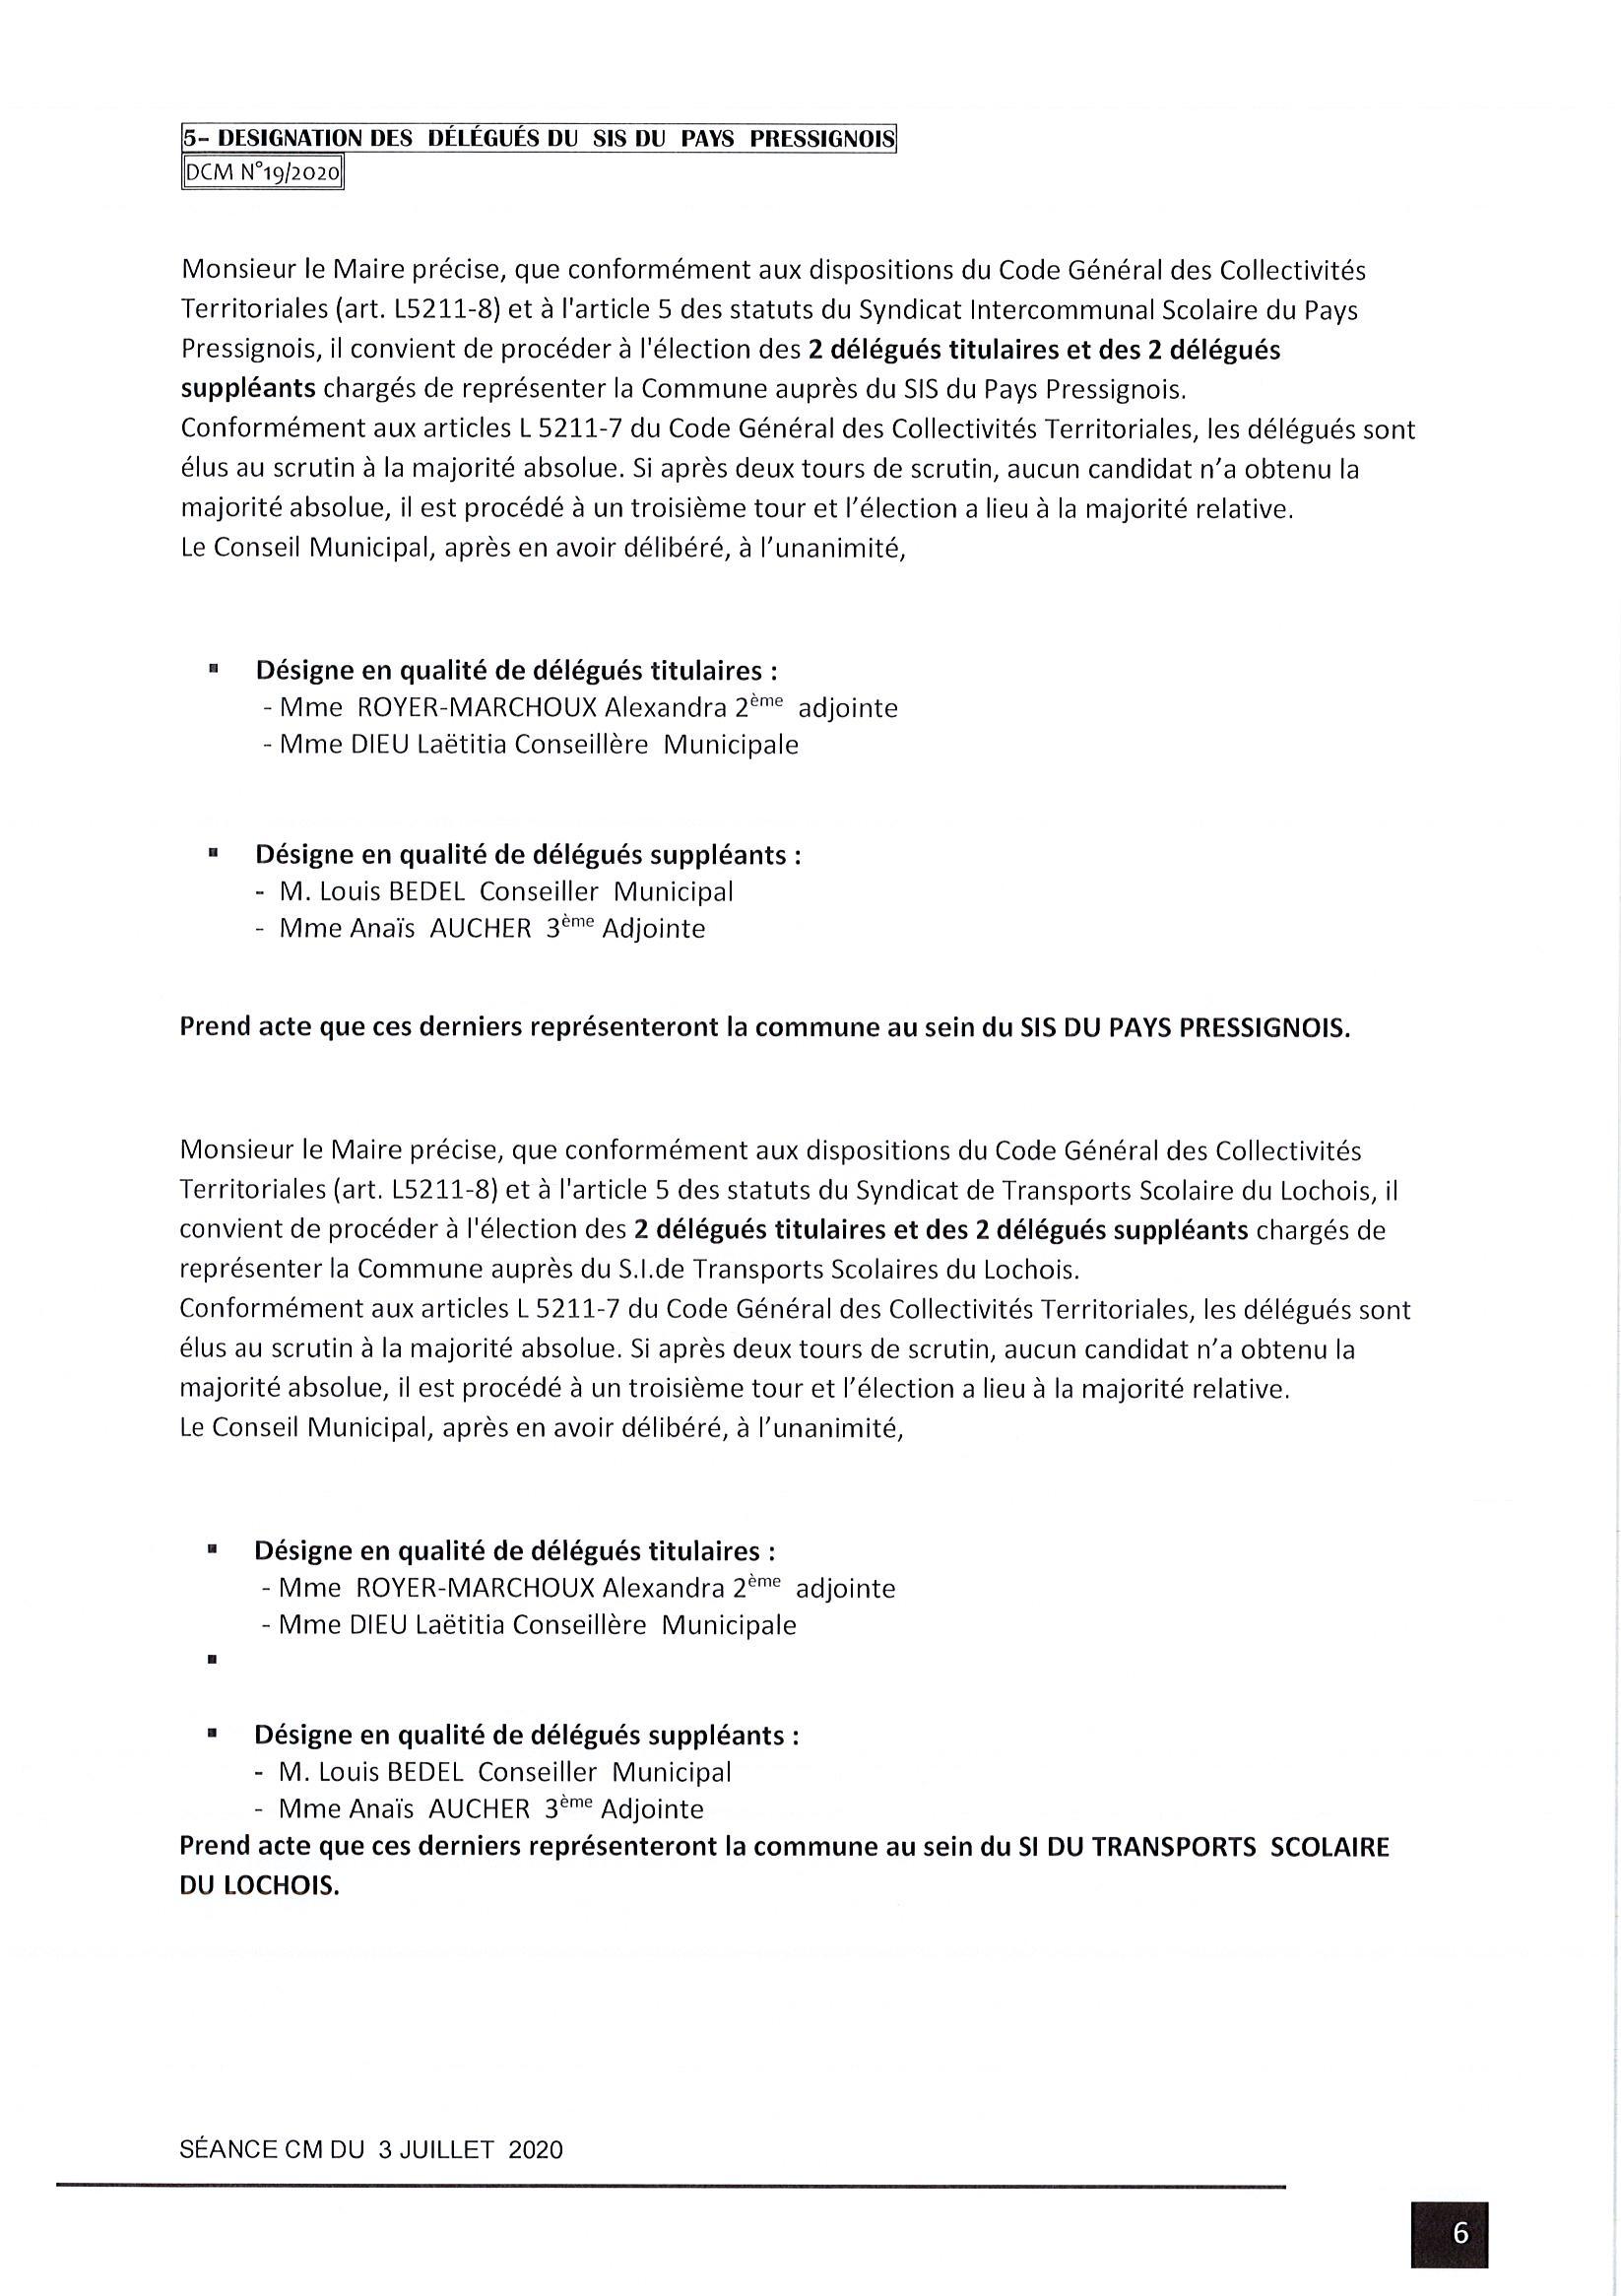 accueil/doc101120-10112020121830-0014.jpg